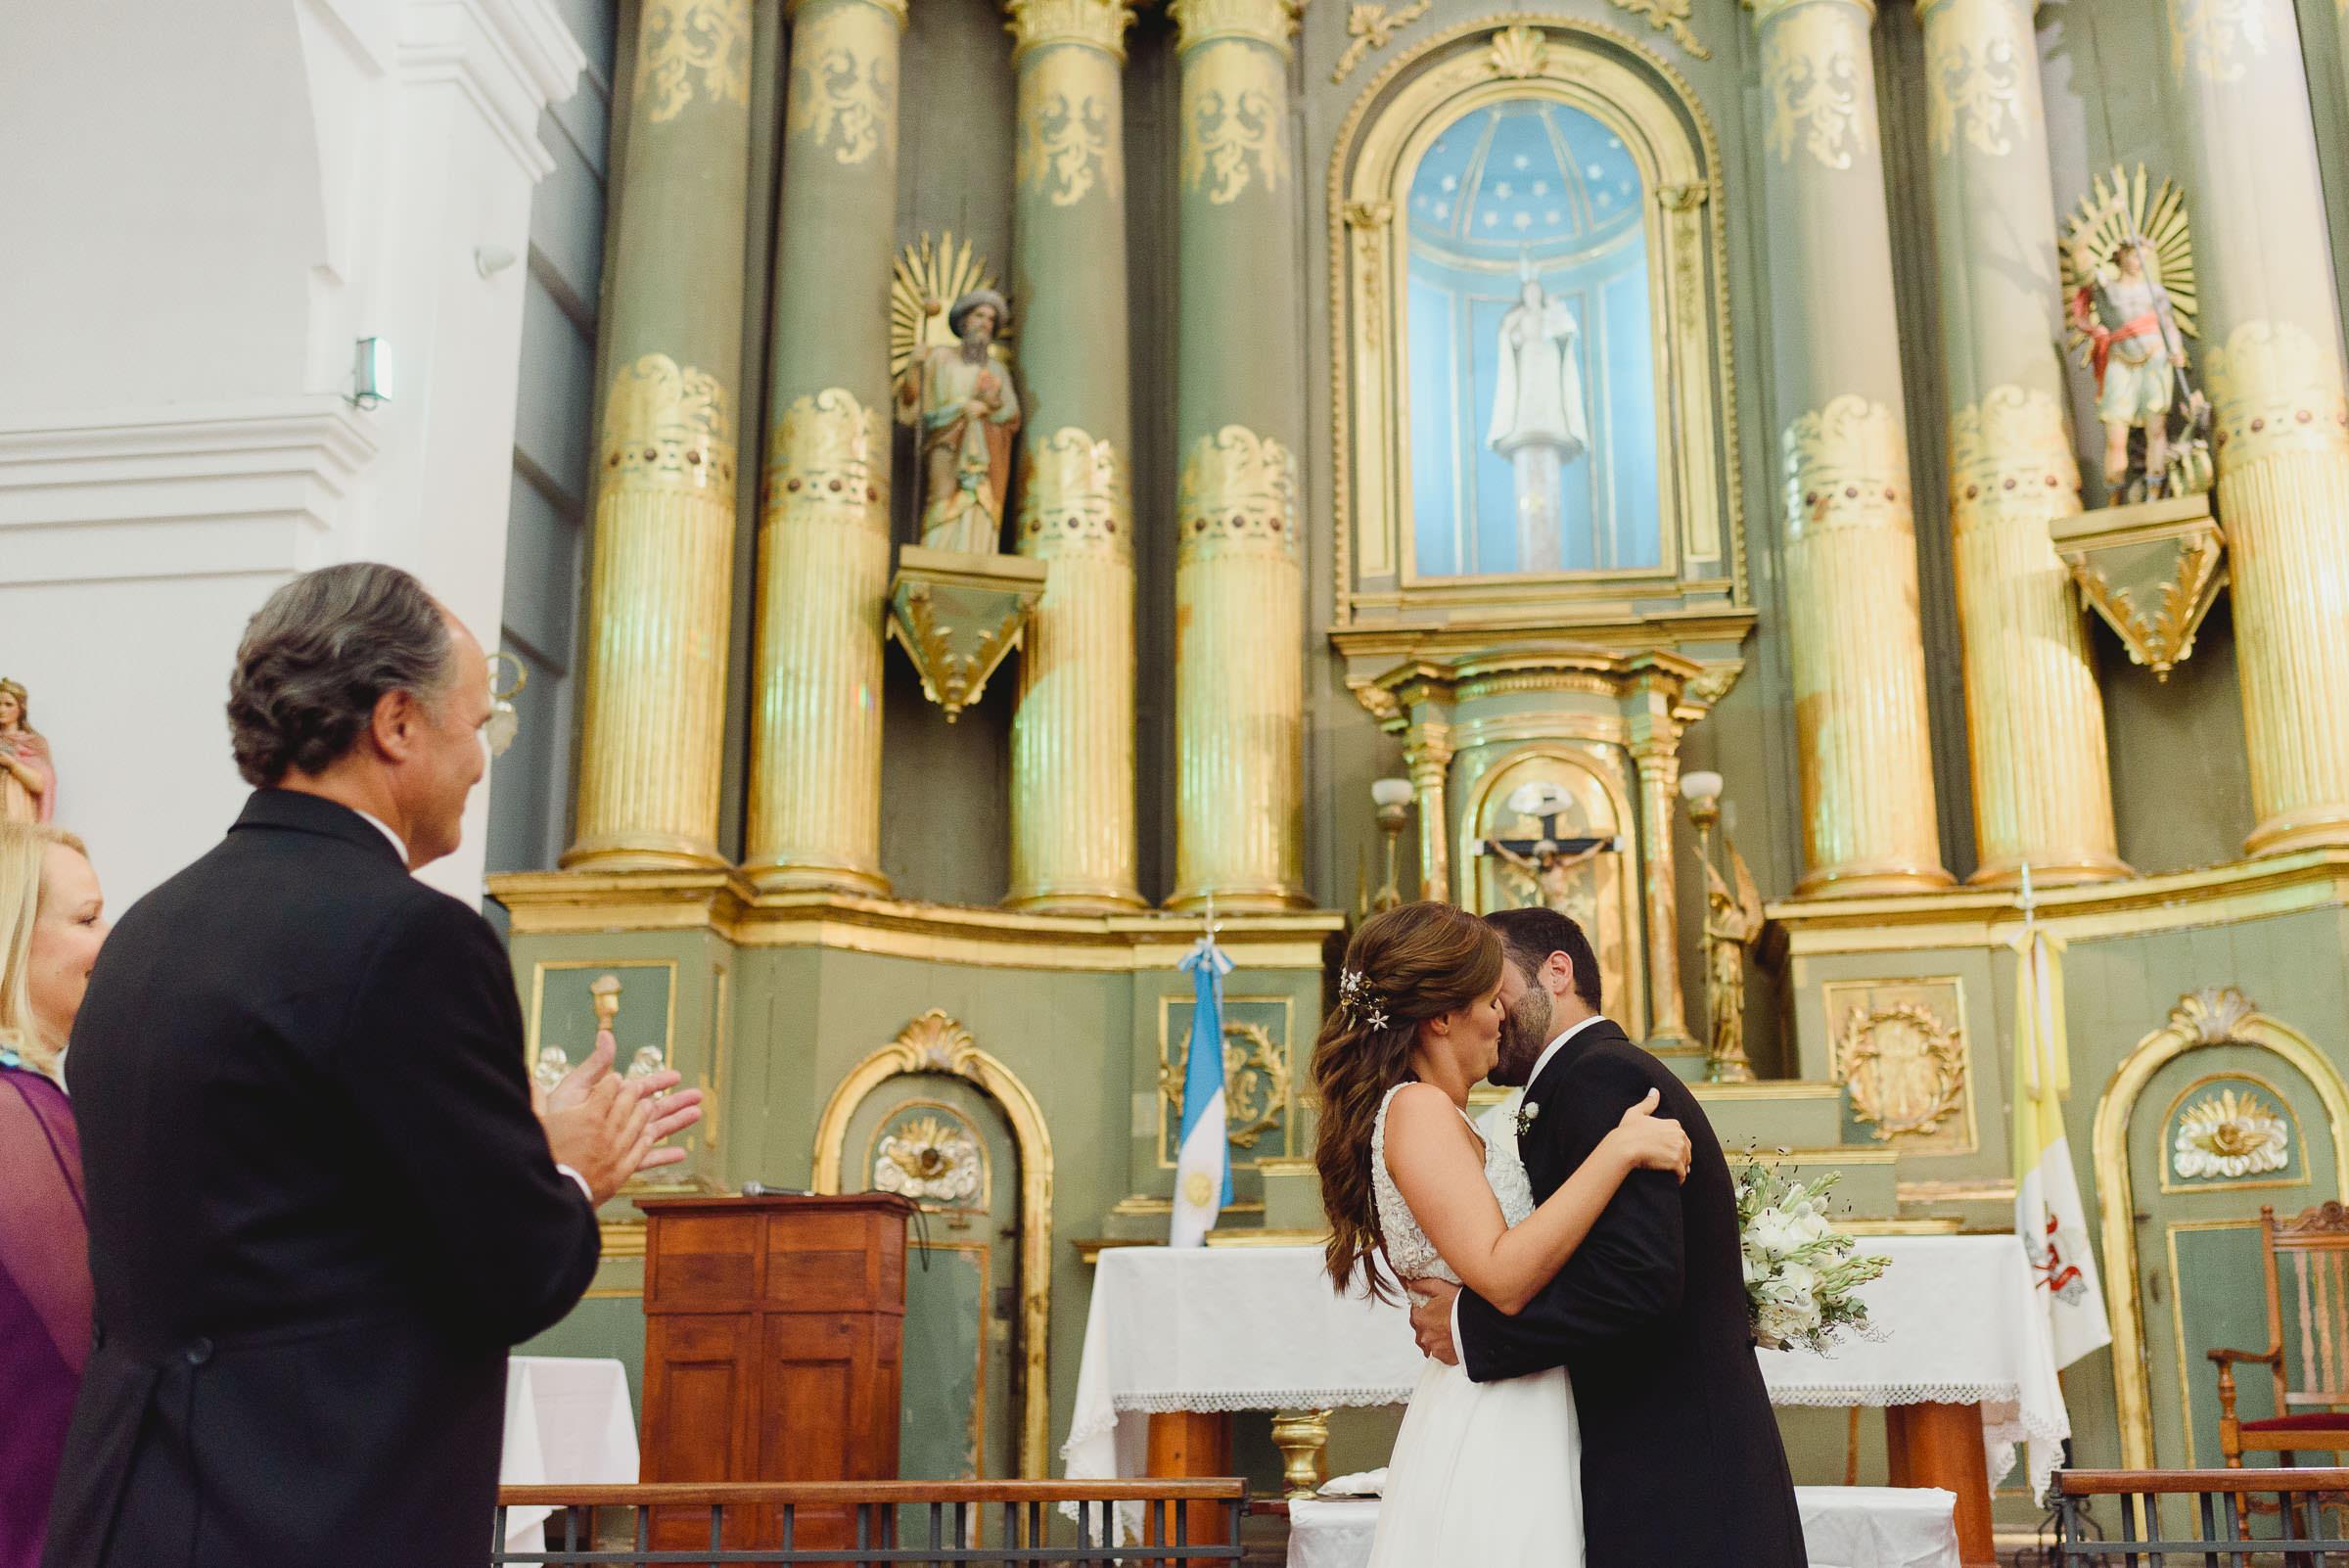 Parroquia Nuestra Señora de Pilar022.JPG